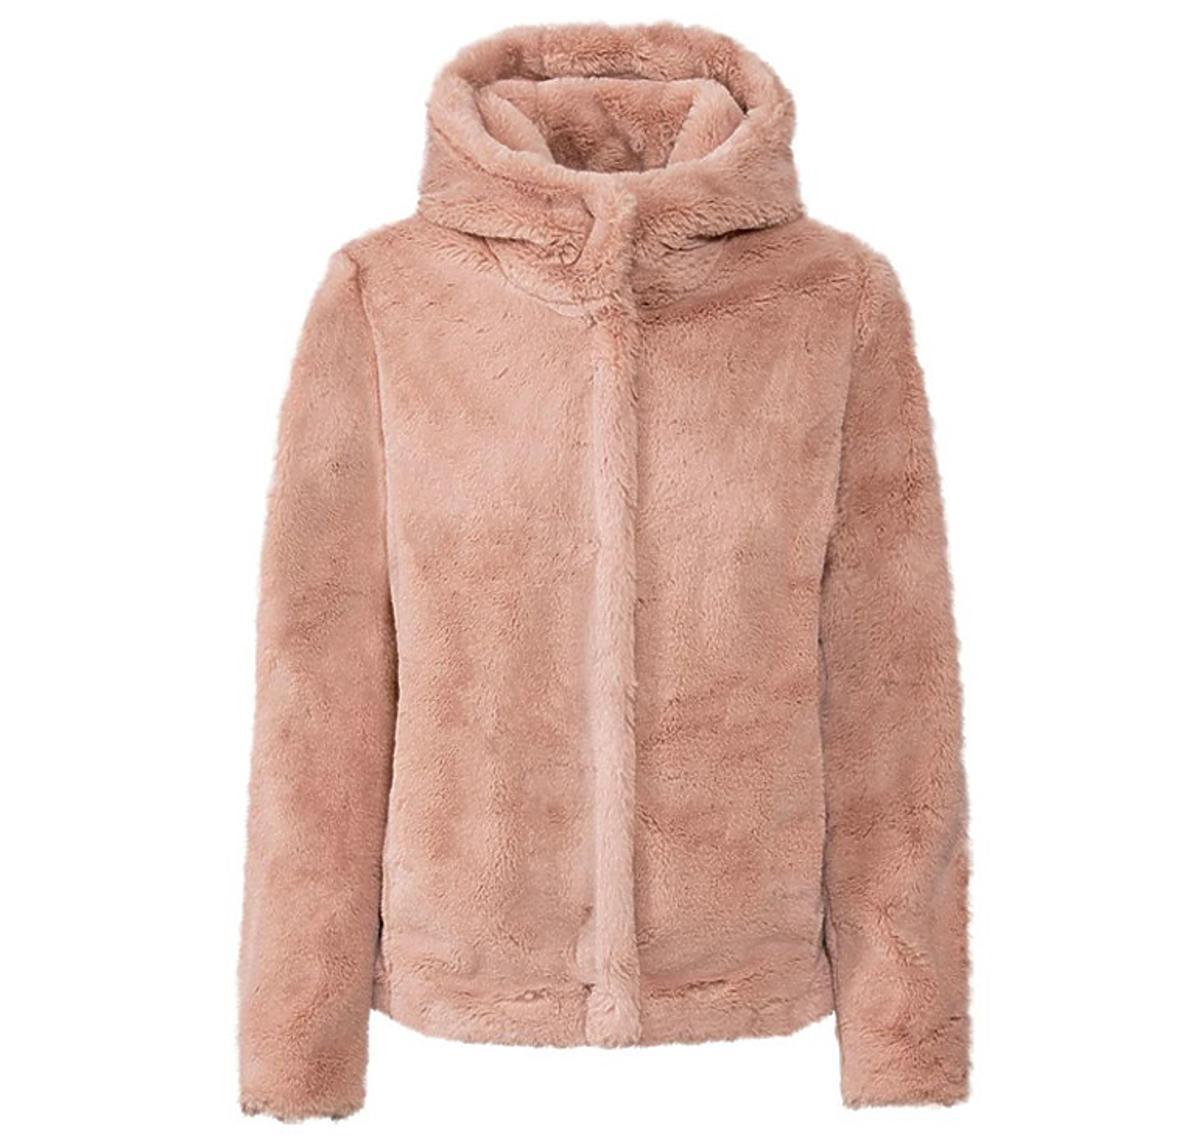 Różowa pluszowa kurtka damska, Lidl, 89,90 zł